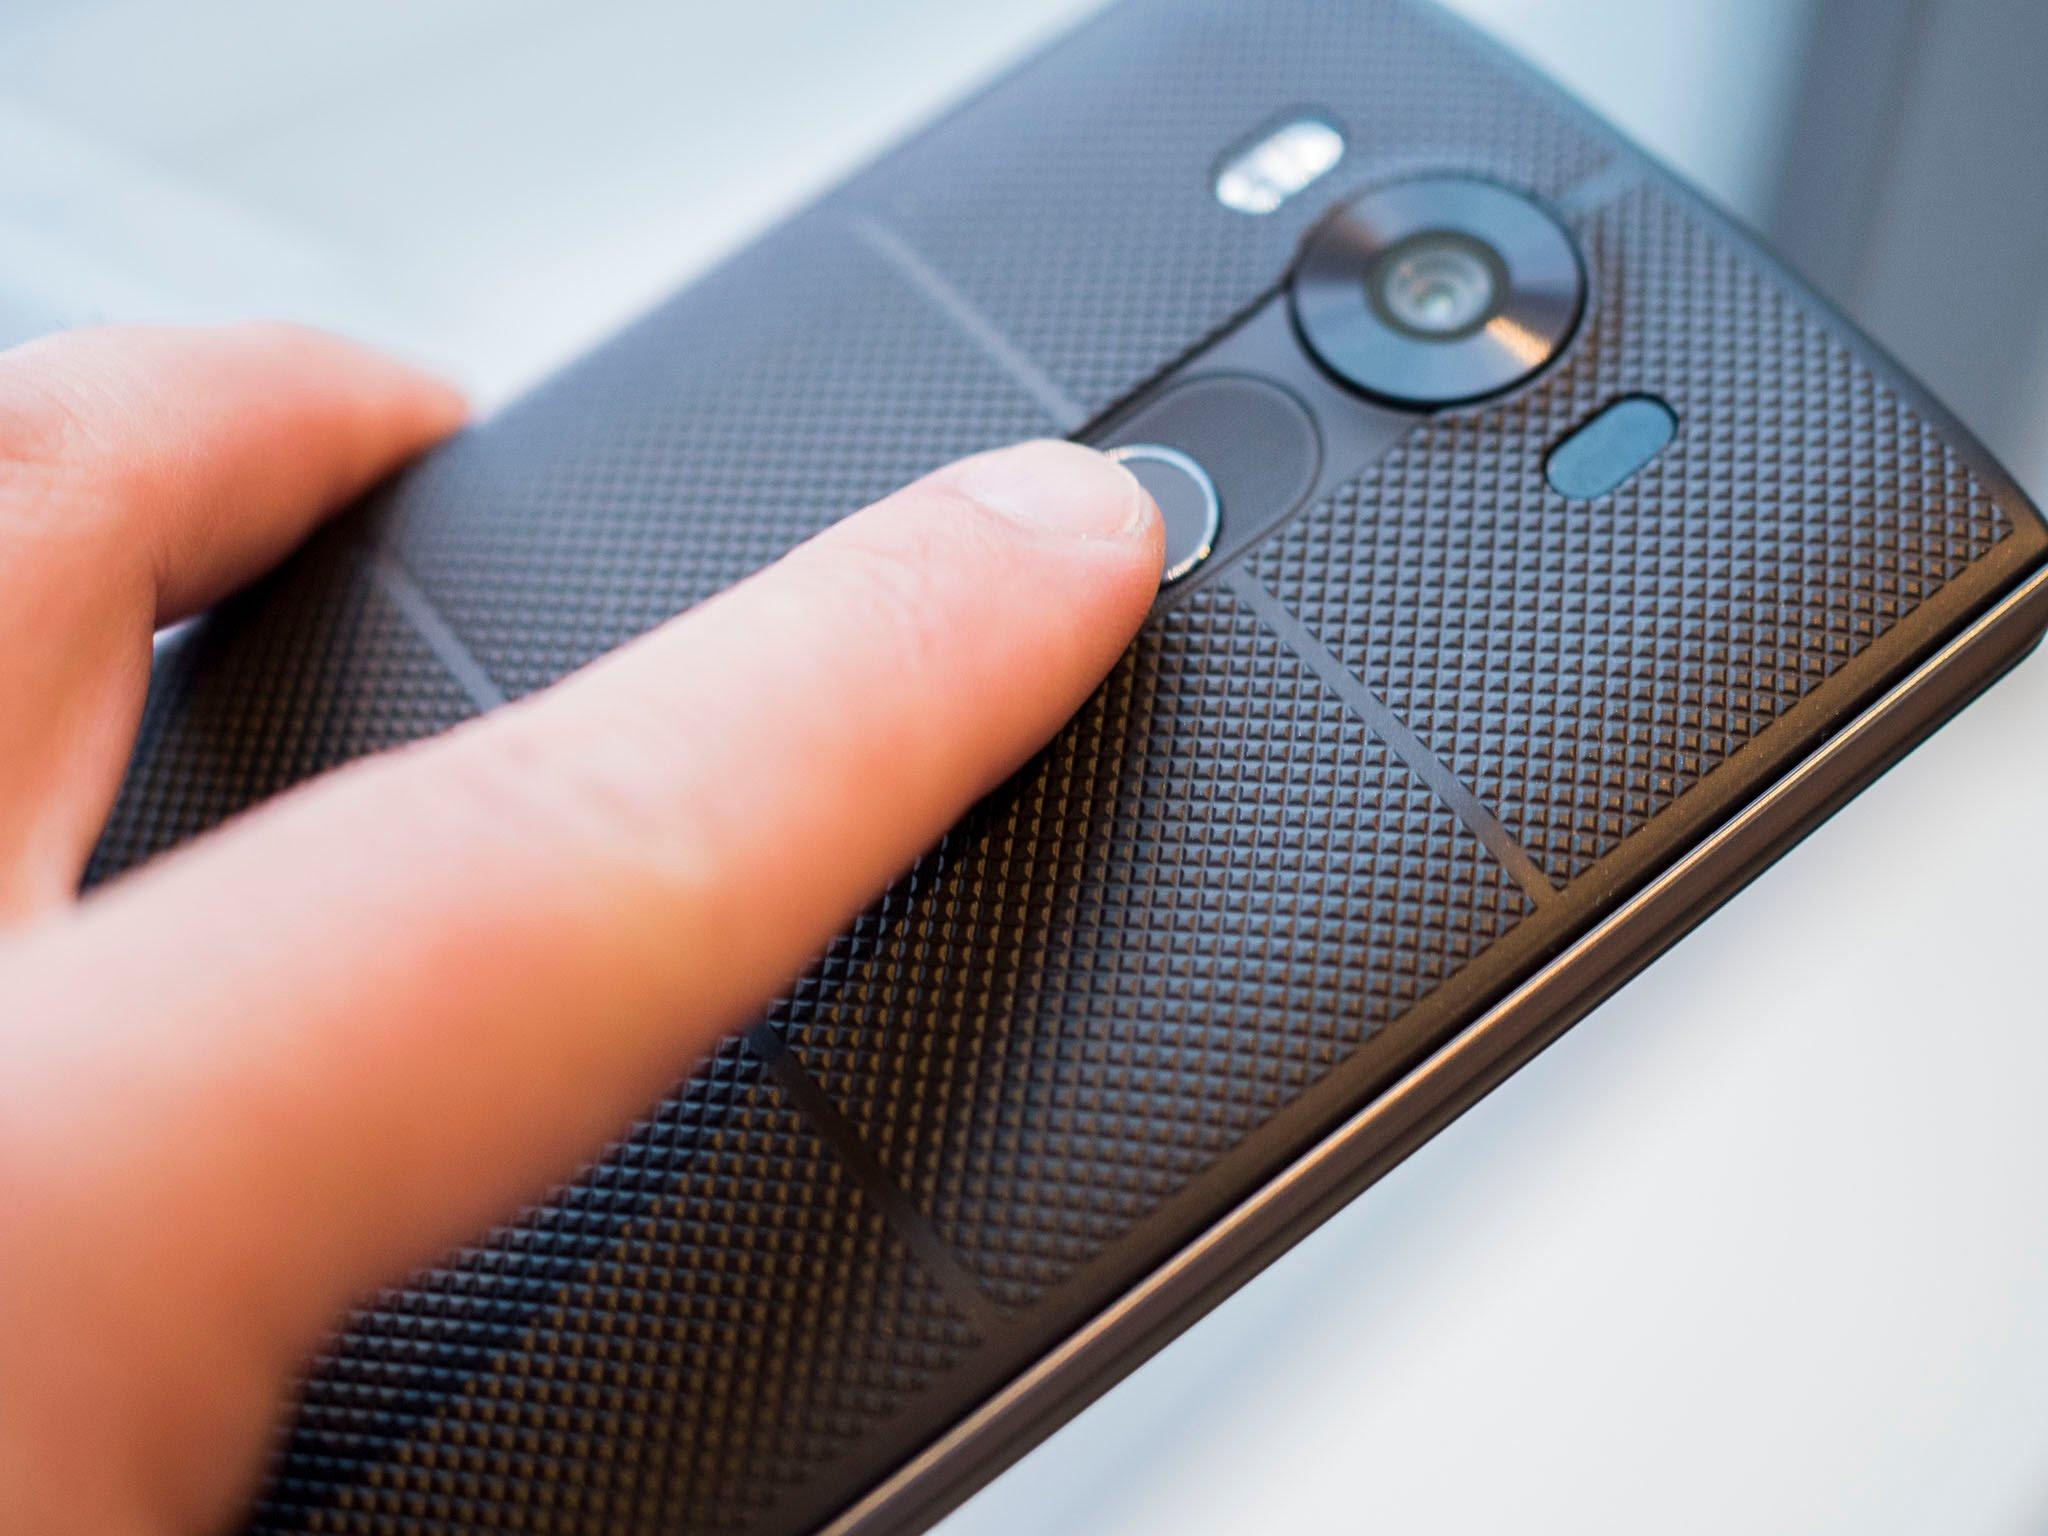 LG V10 fingerprint sensor